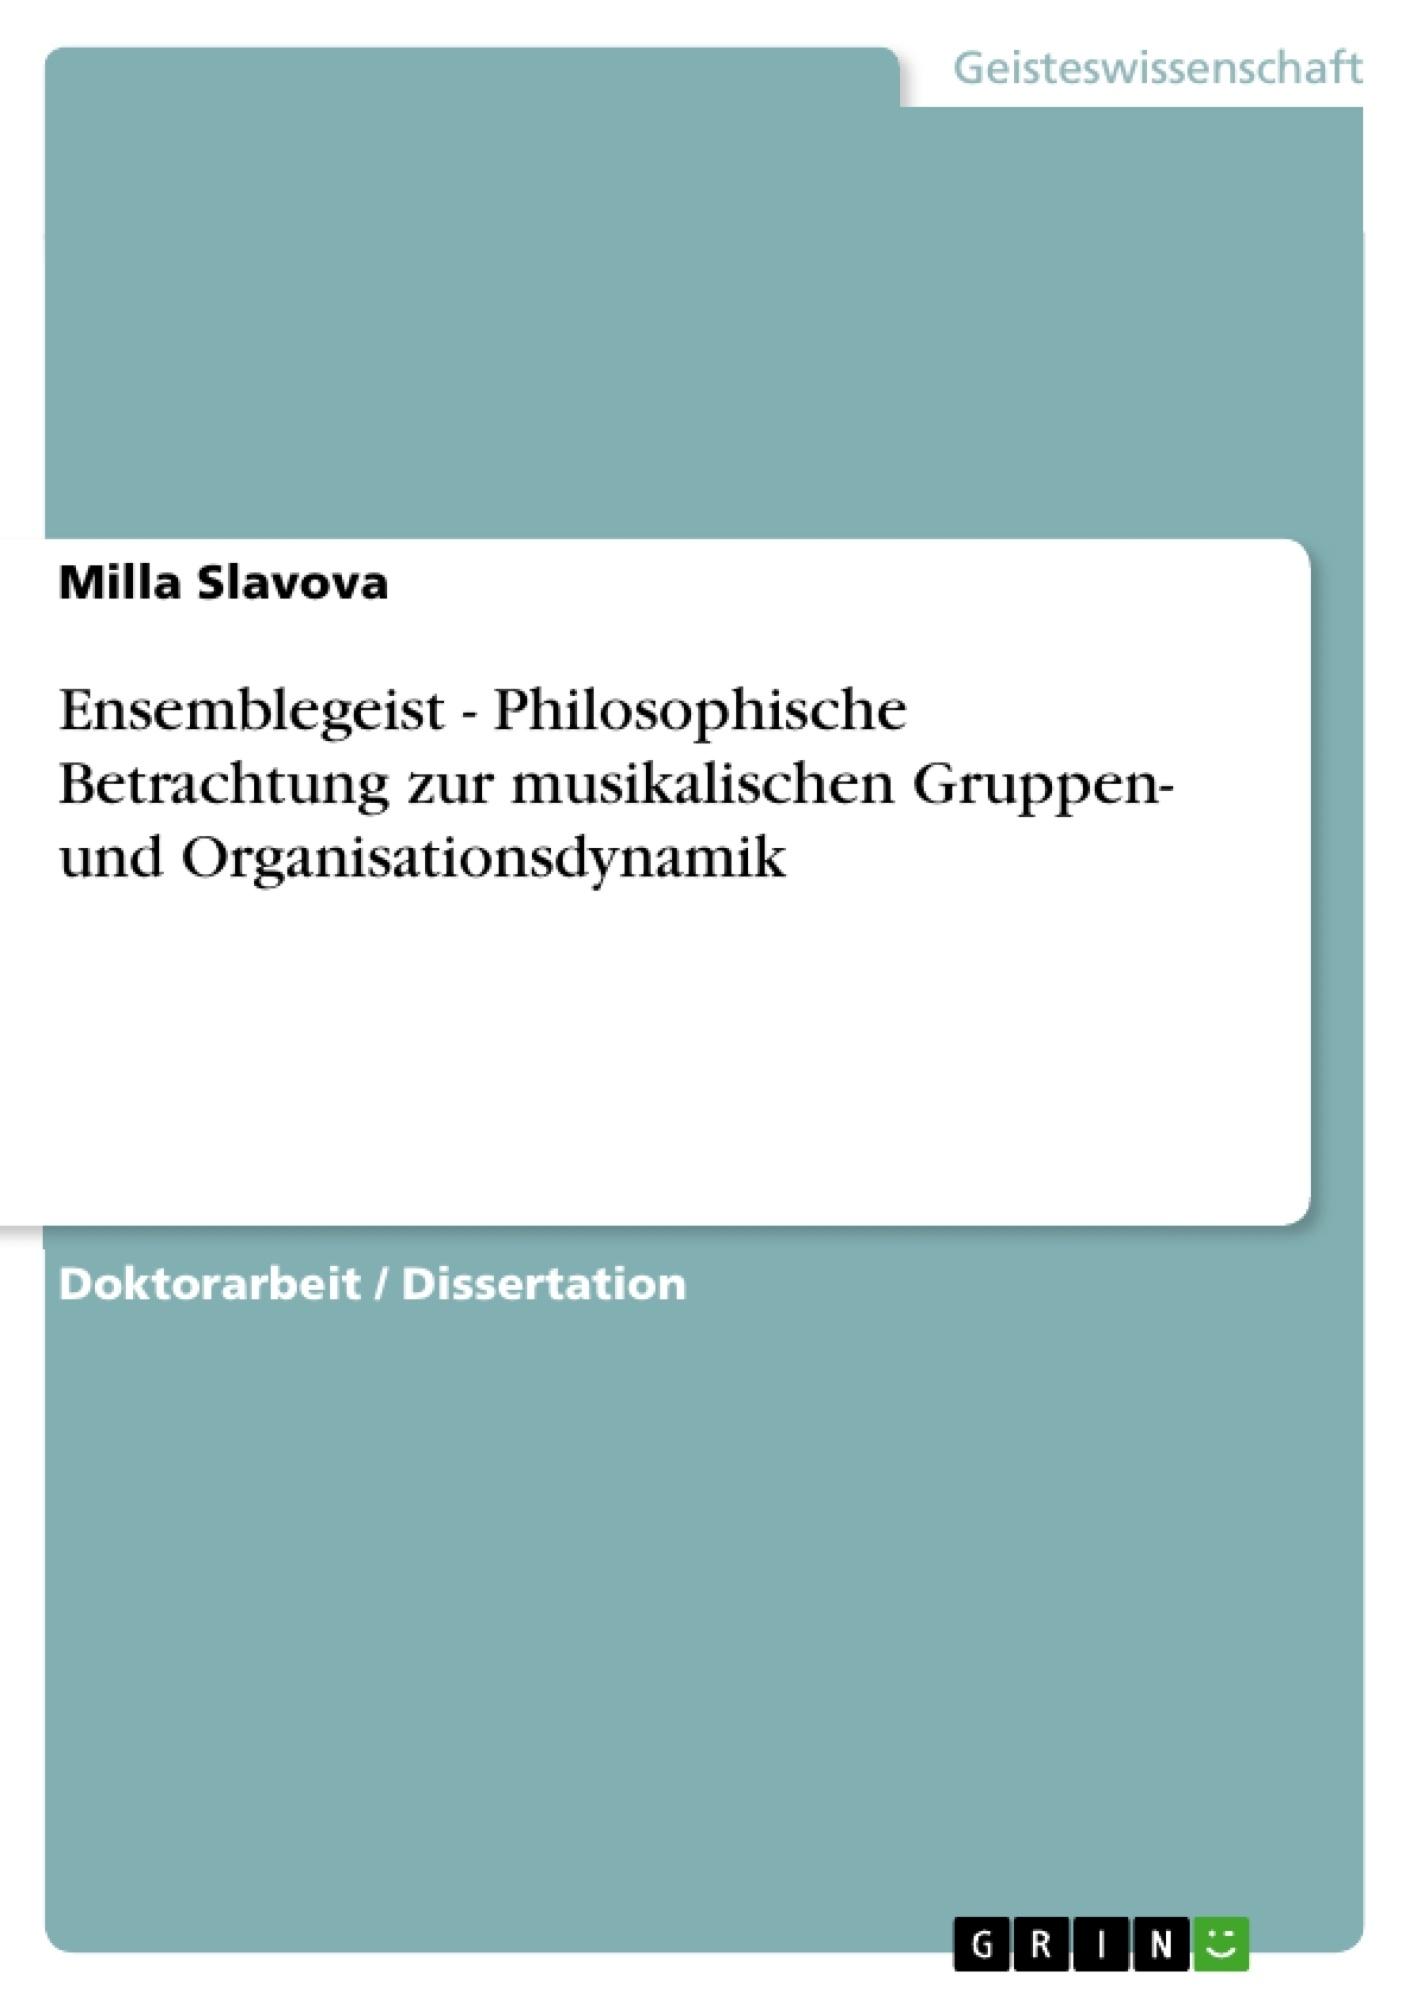 Titel: Ensemblegeist - Philosophische Betrachtung zur musikalischen Gruppen- und Organisationsdynamik